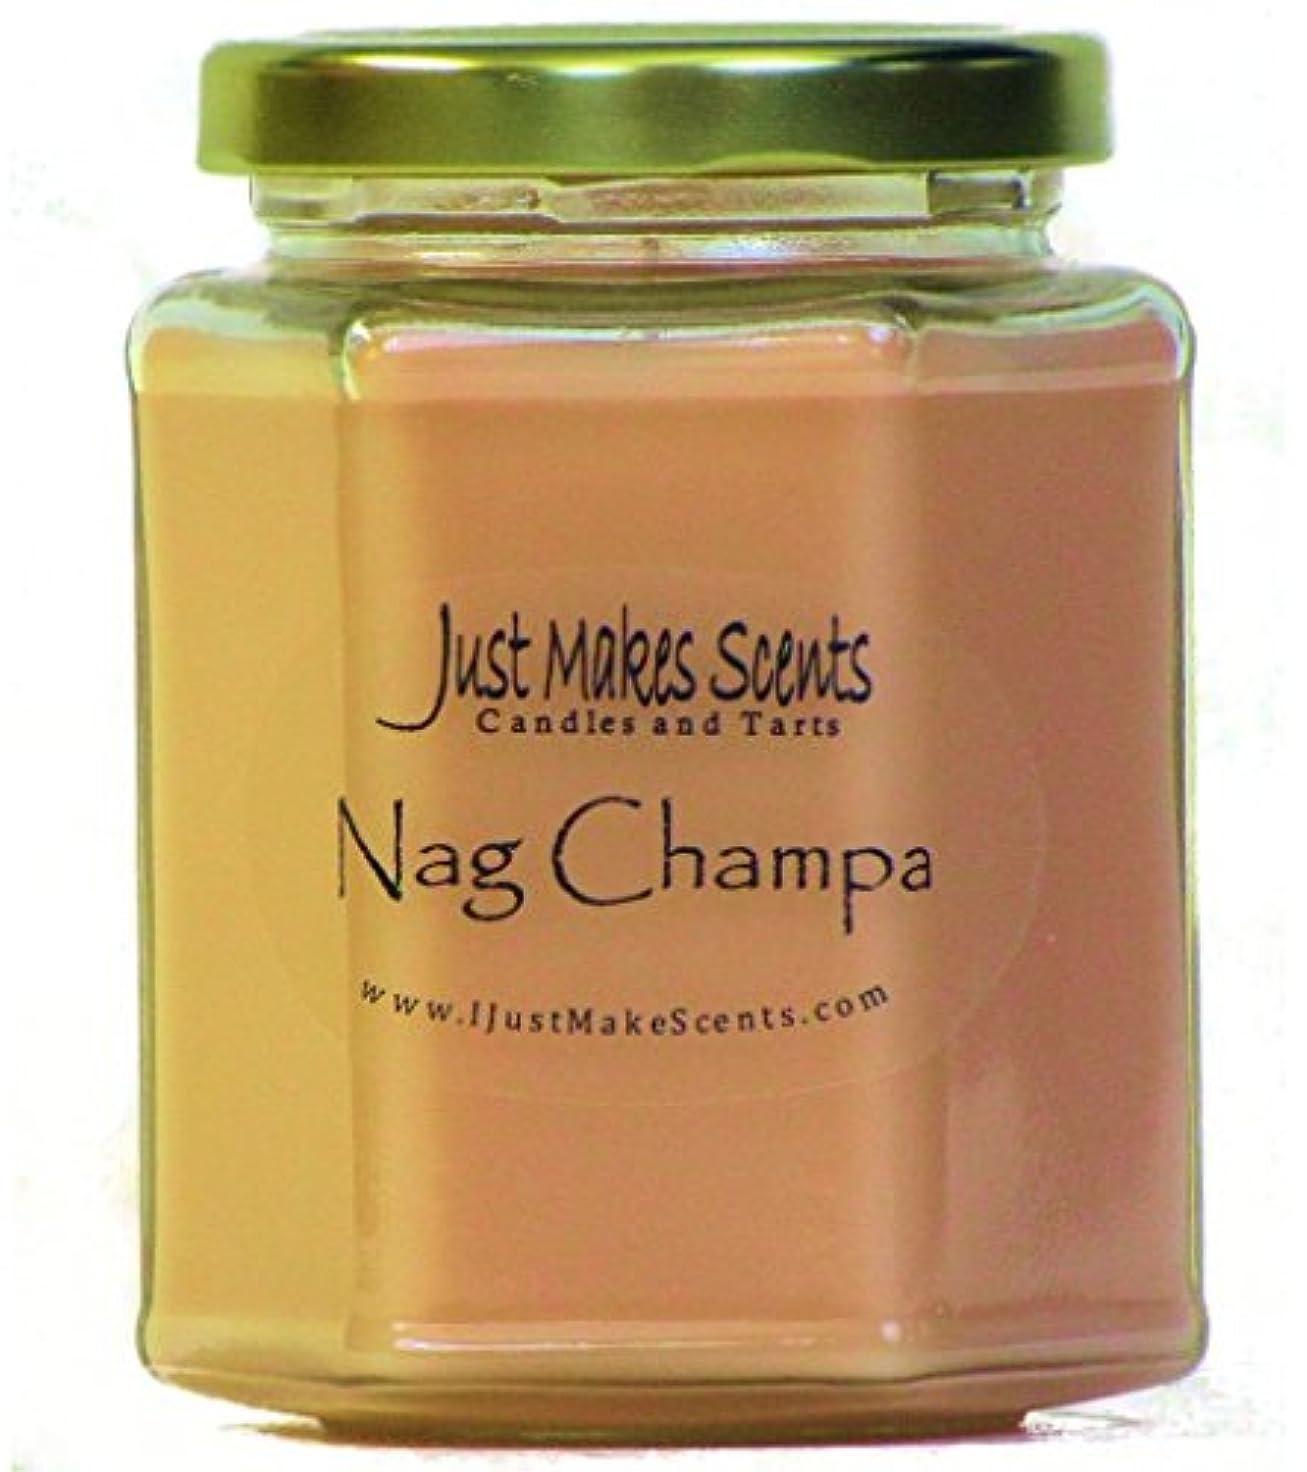 貫通するラベンダー呪いNag Champa香りつきBlended Soy Candle by Just Makes Scents